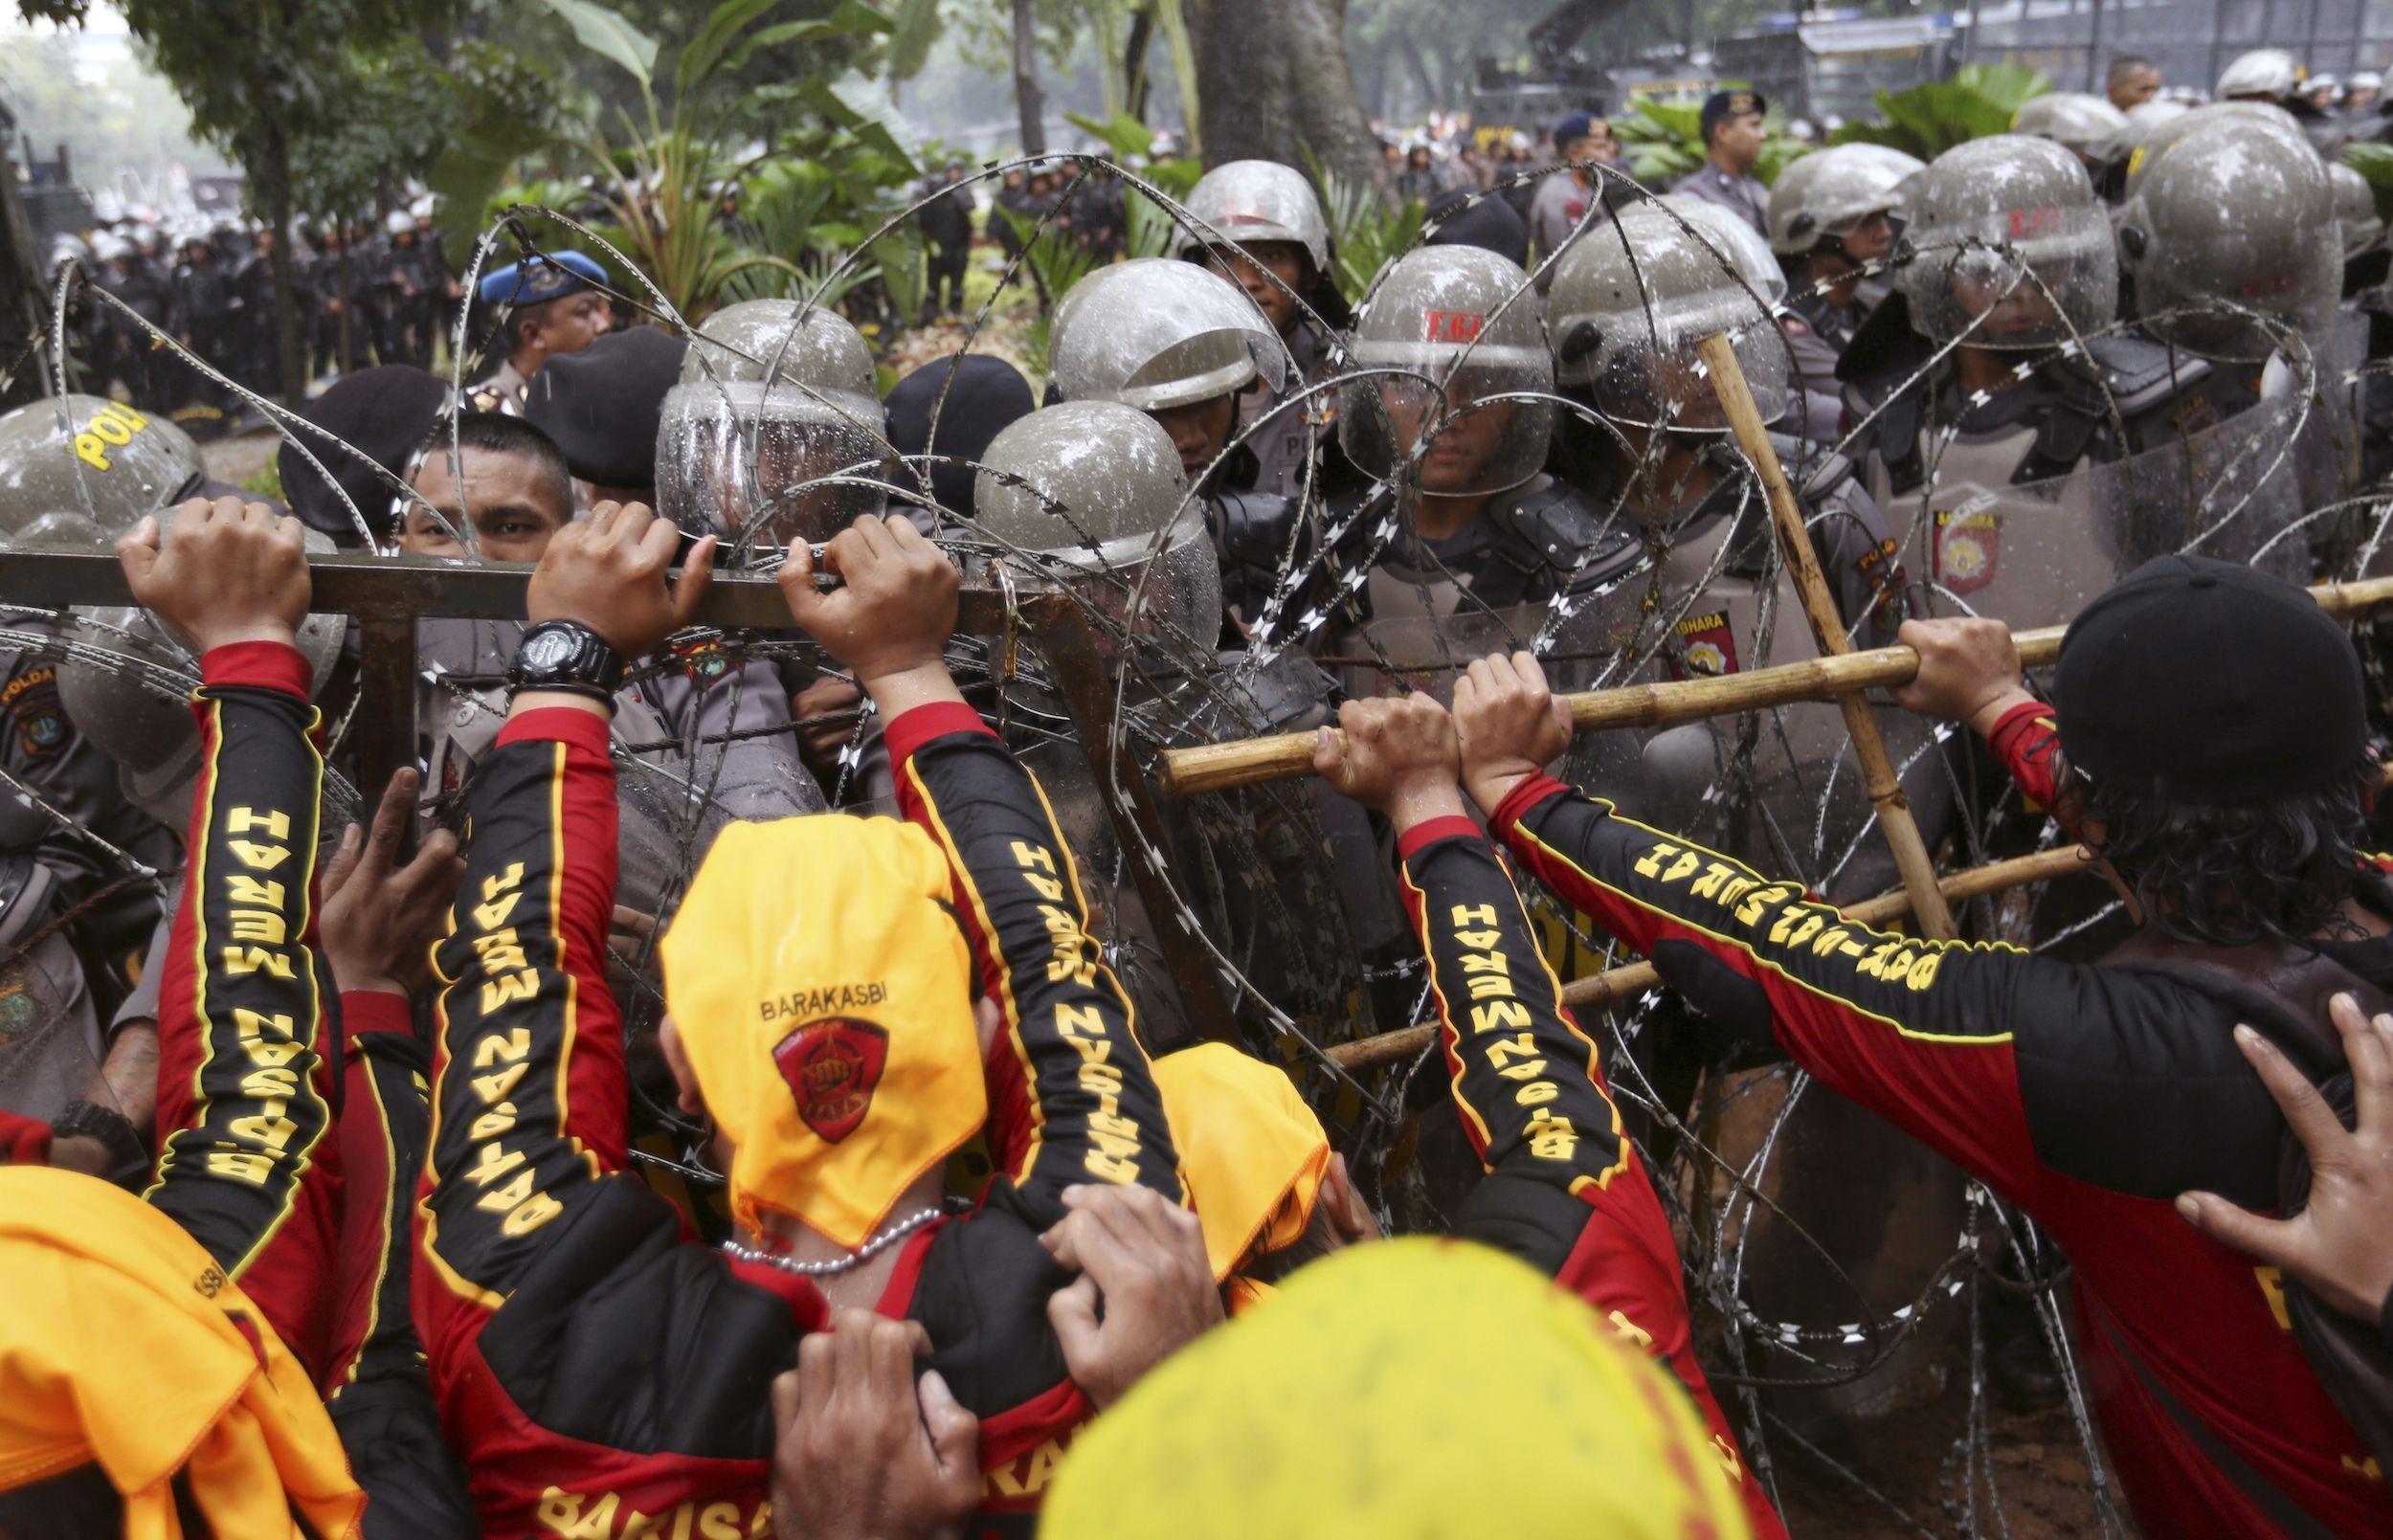 En Indonesia los manifestantes intentaron acercarse al Palacio Presidencial, en ,medio de manifestaciones en el Día de los Trabajadores.